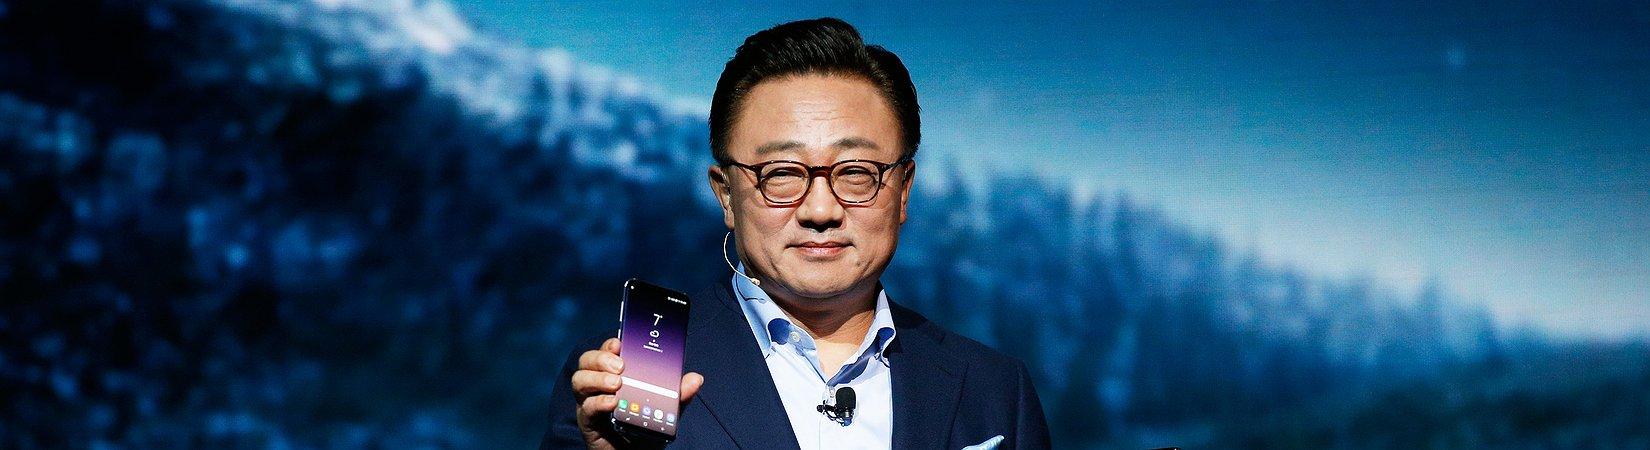 Samsung unveils new Galaxy S8